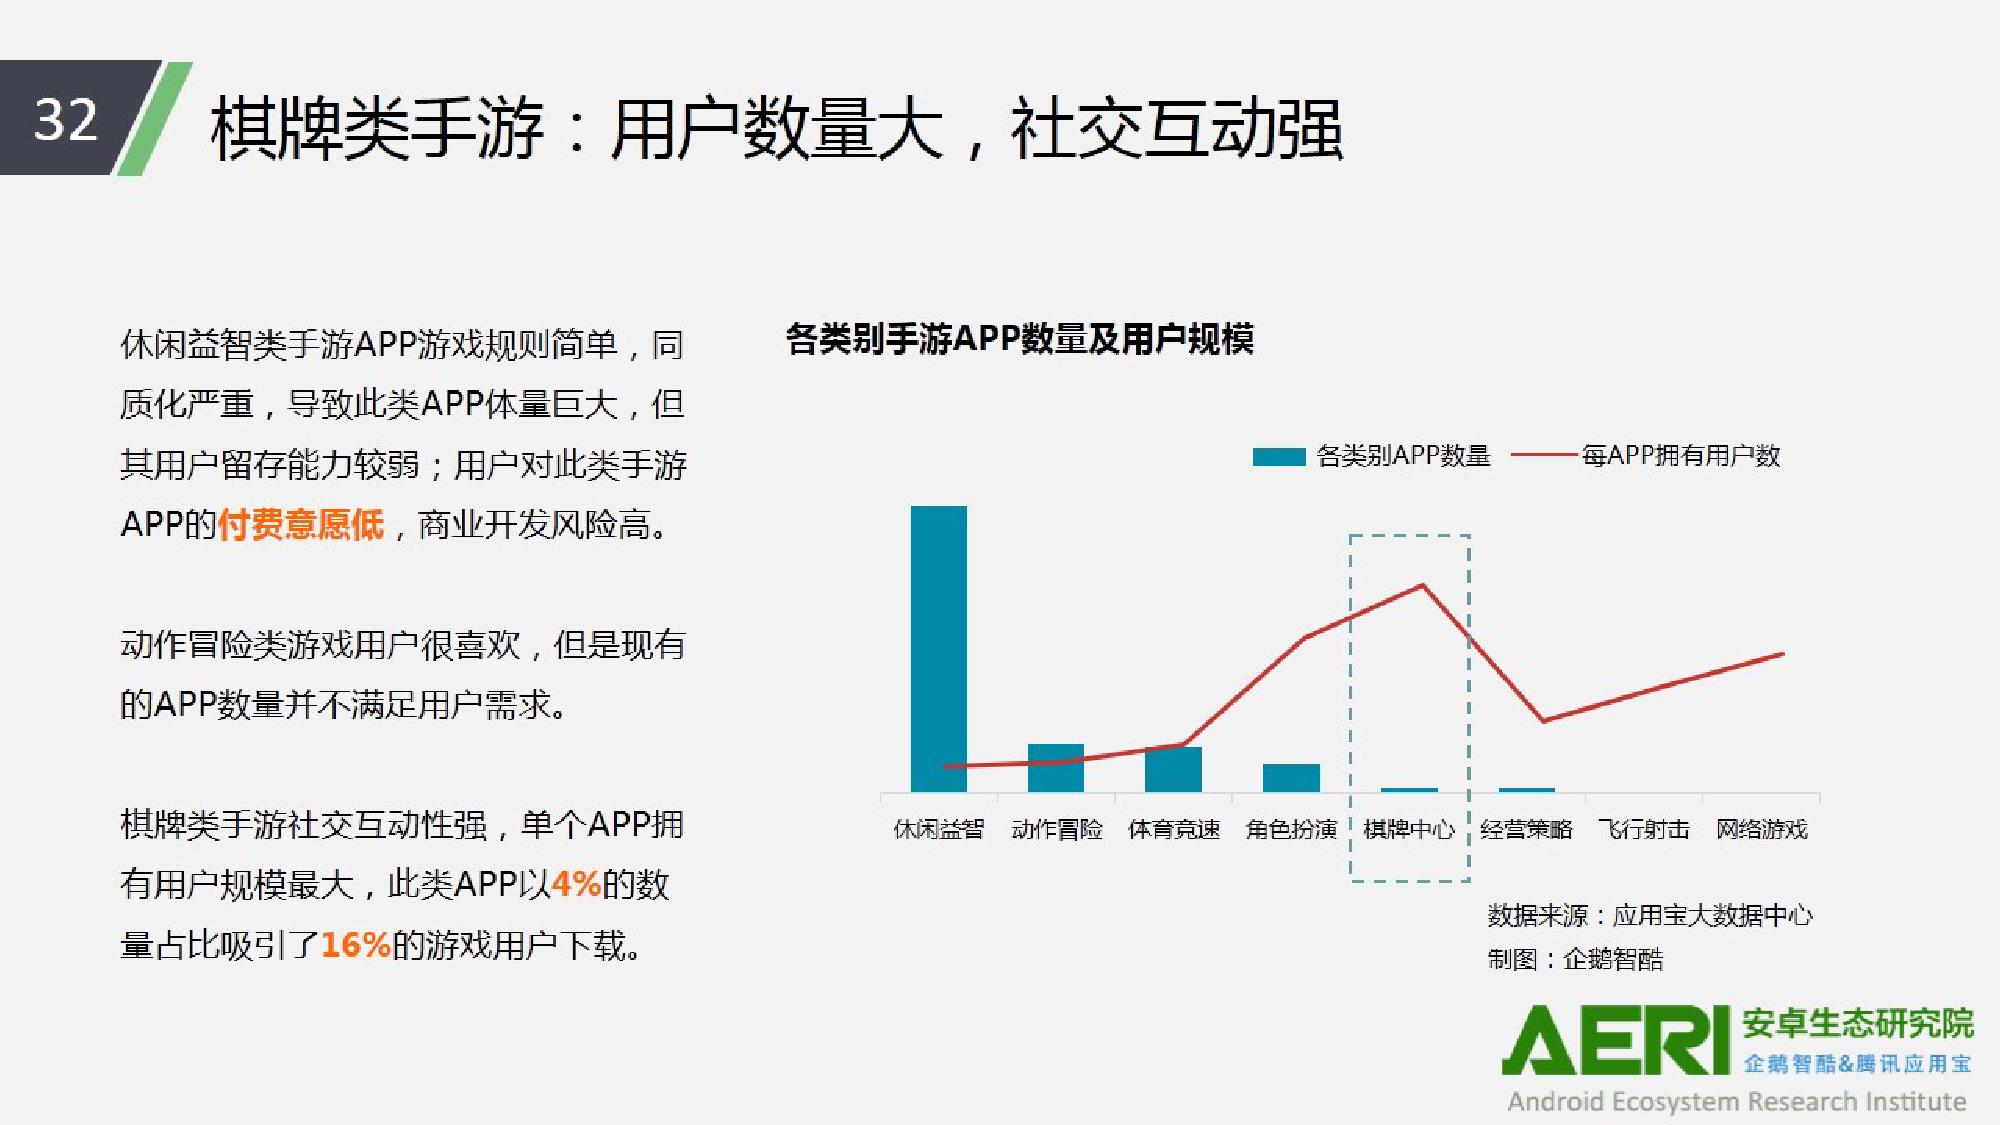 中国手游行业2016大数据报告_000033